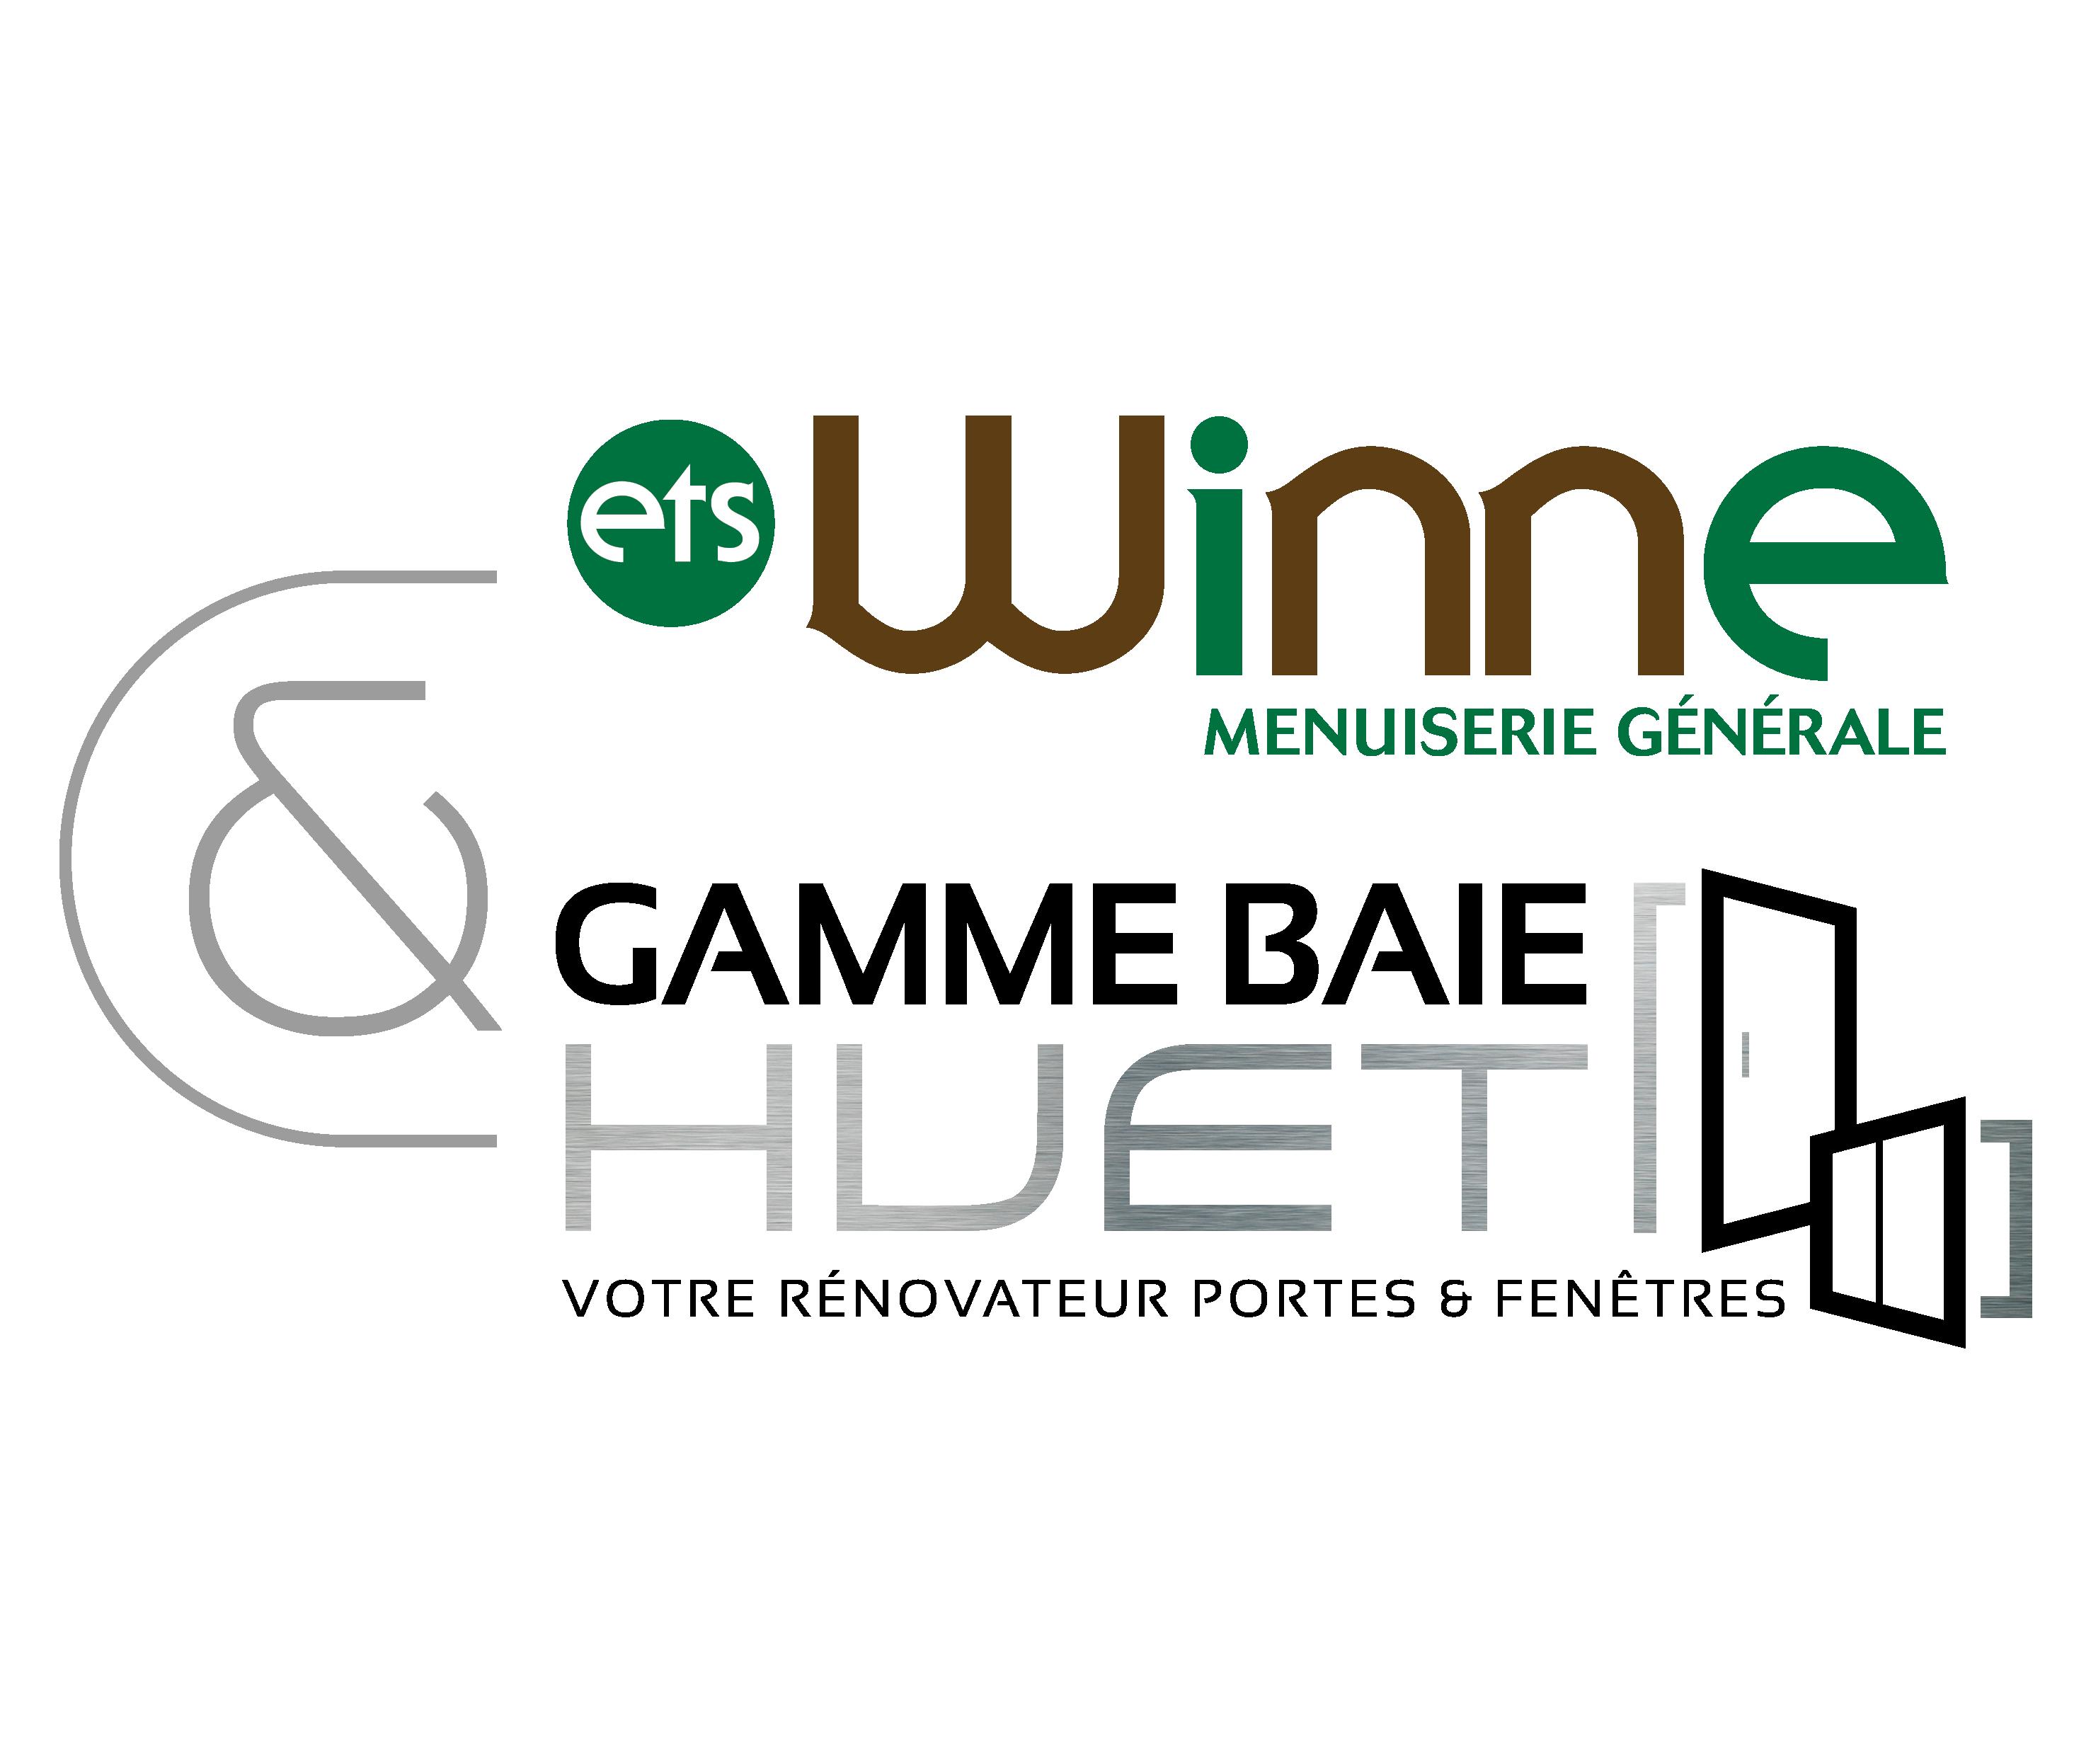 Logo Menuiserie Winne Flers en Escrebieux